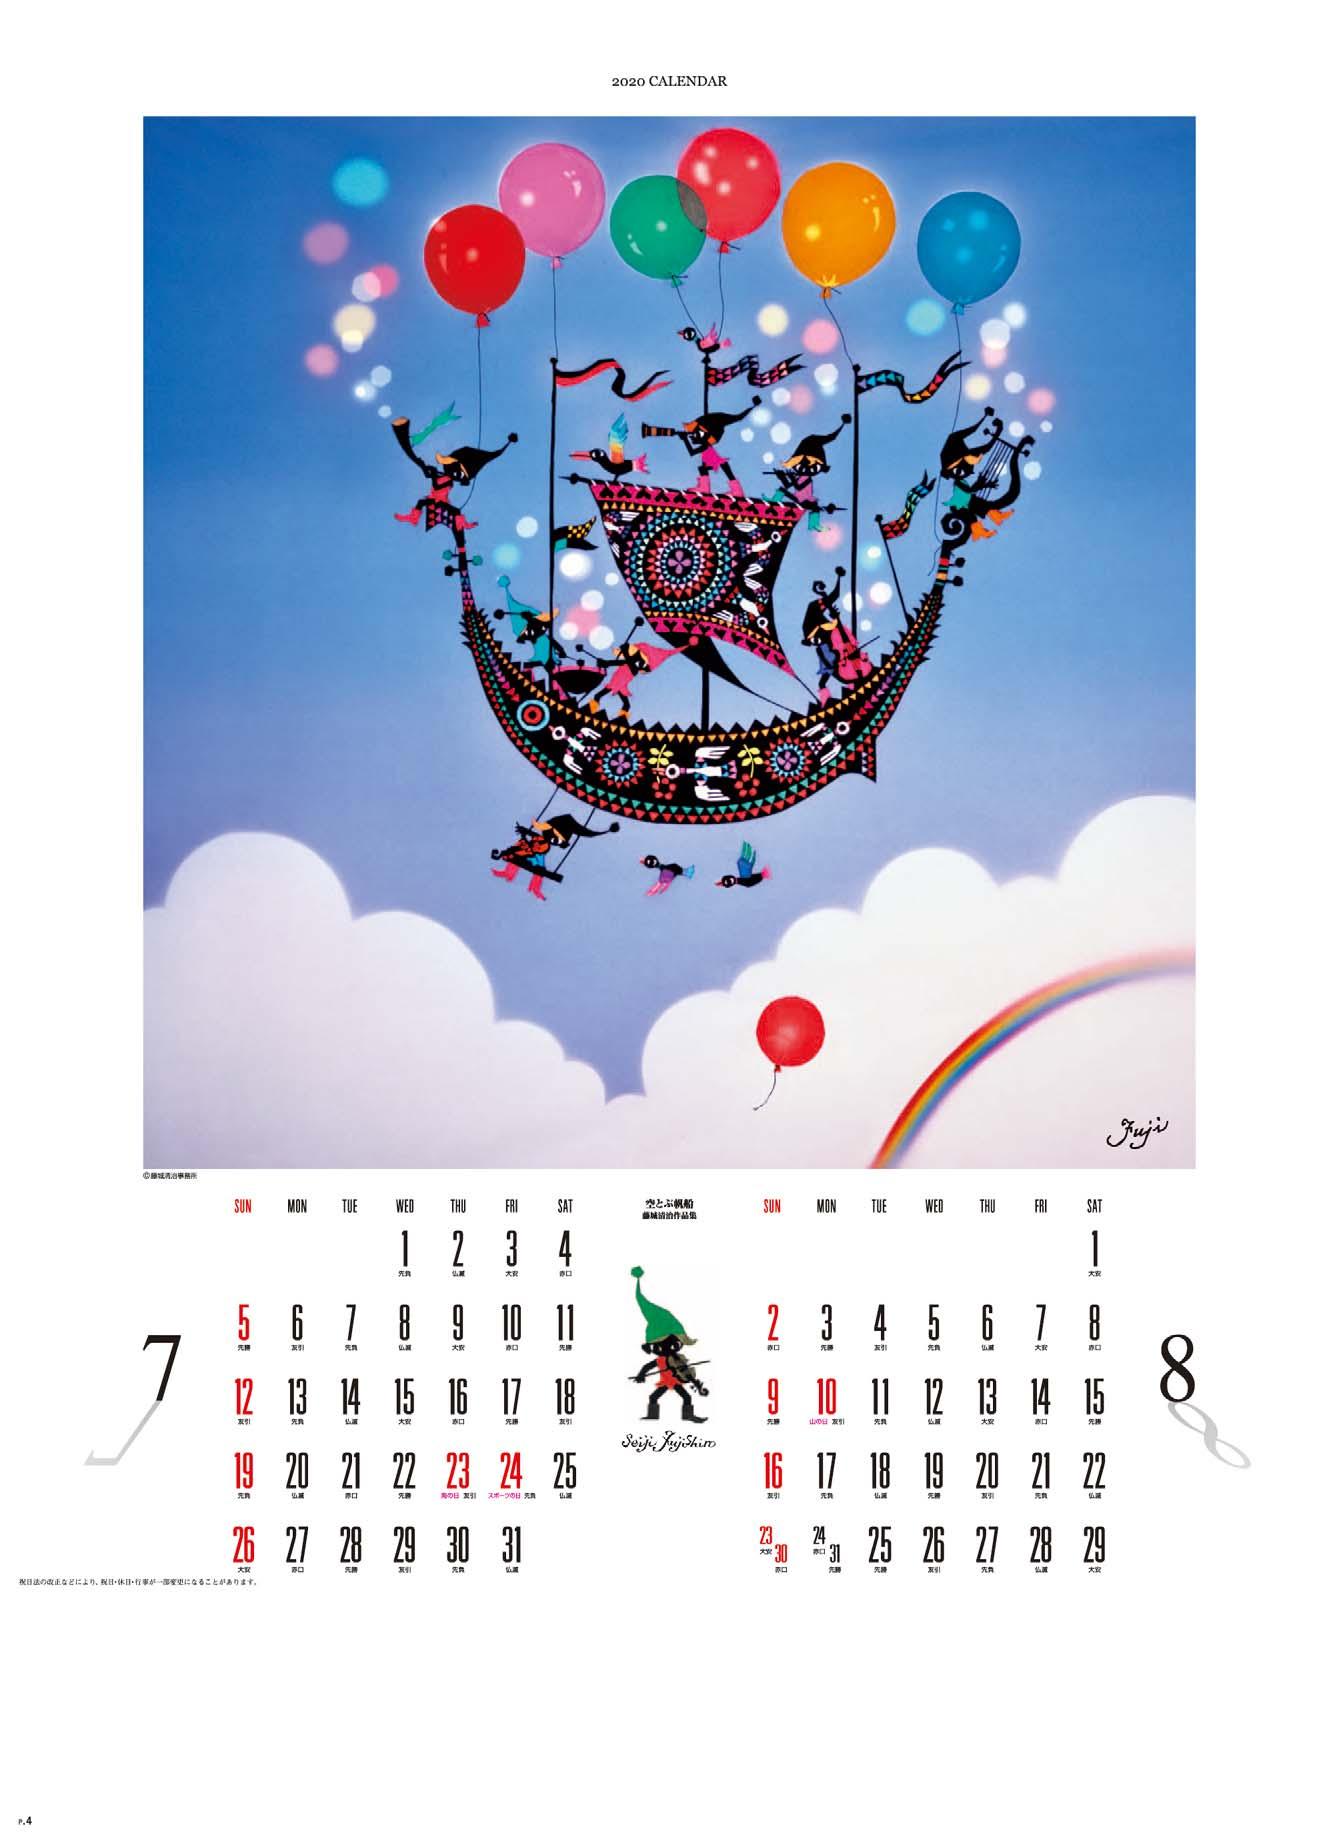 画像:空飛ぶ風船 遠い日の風景から(影絵)  藤城清治 2020年カレンダー